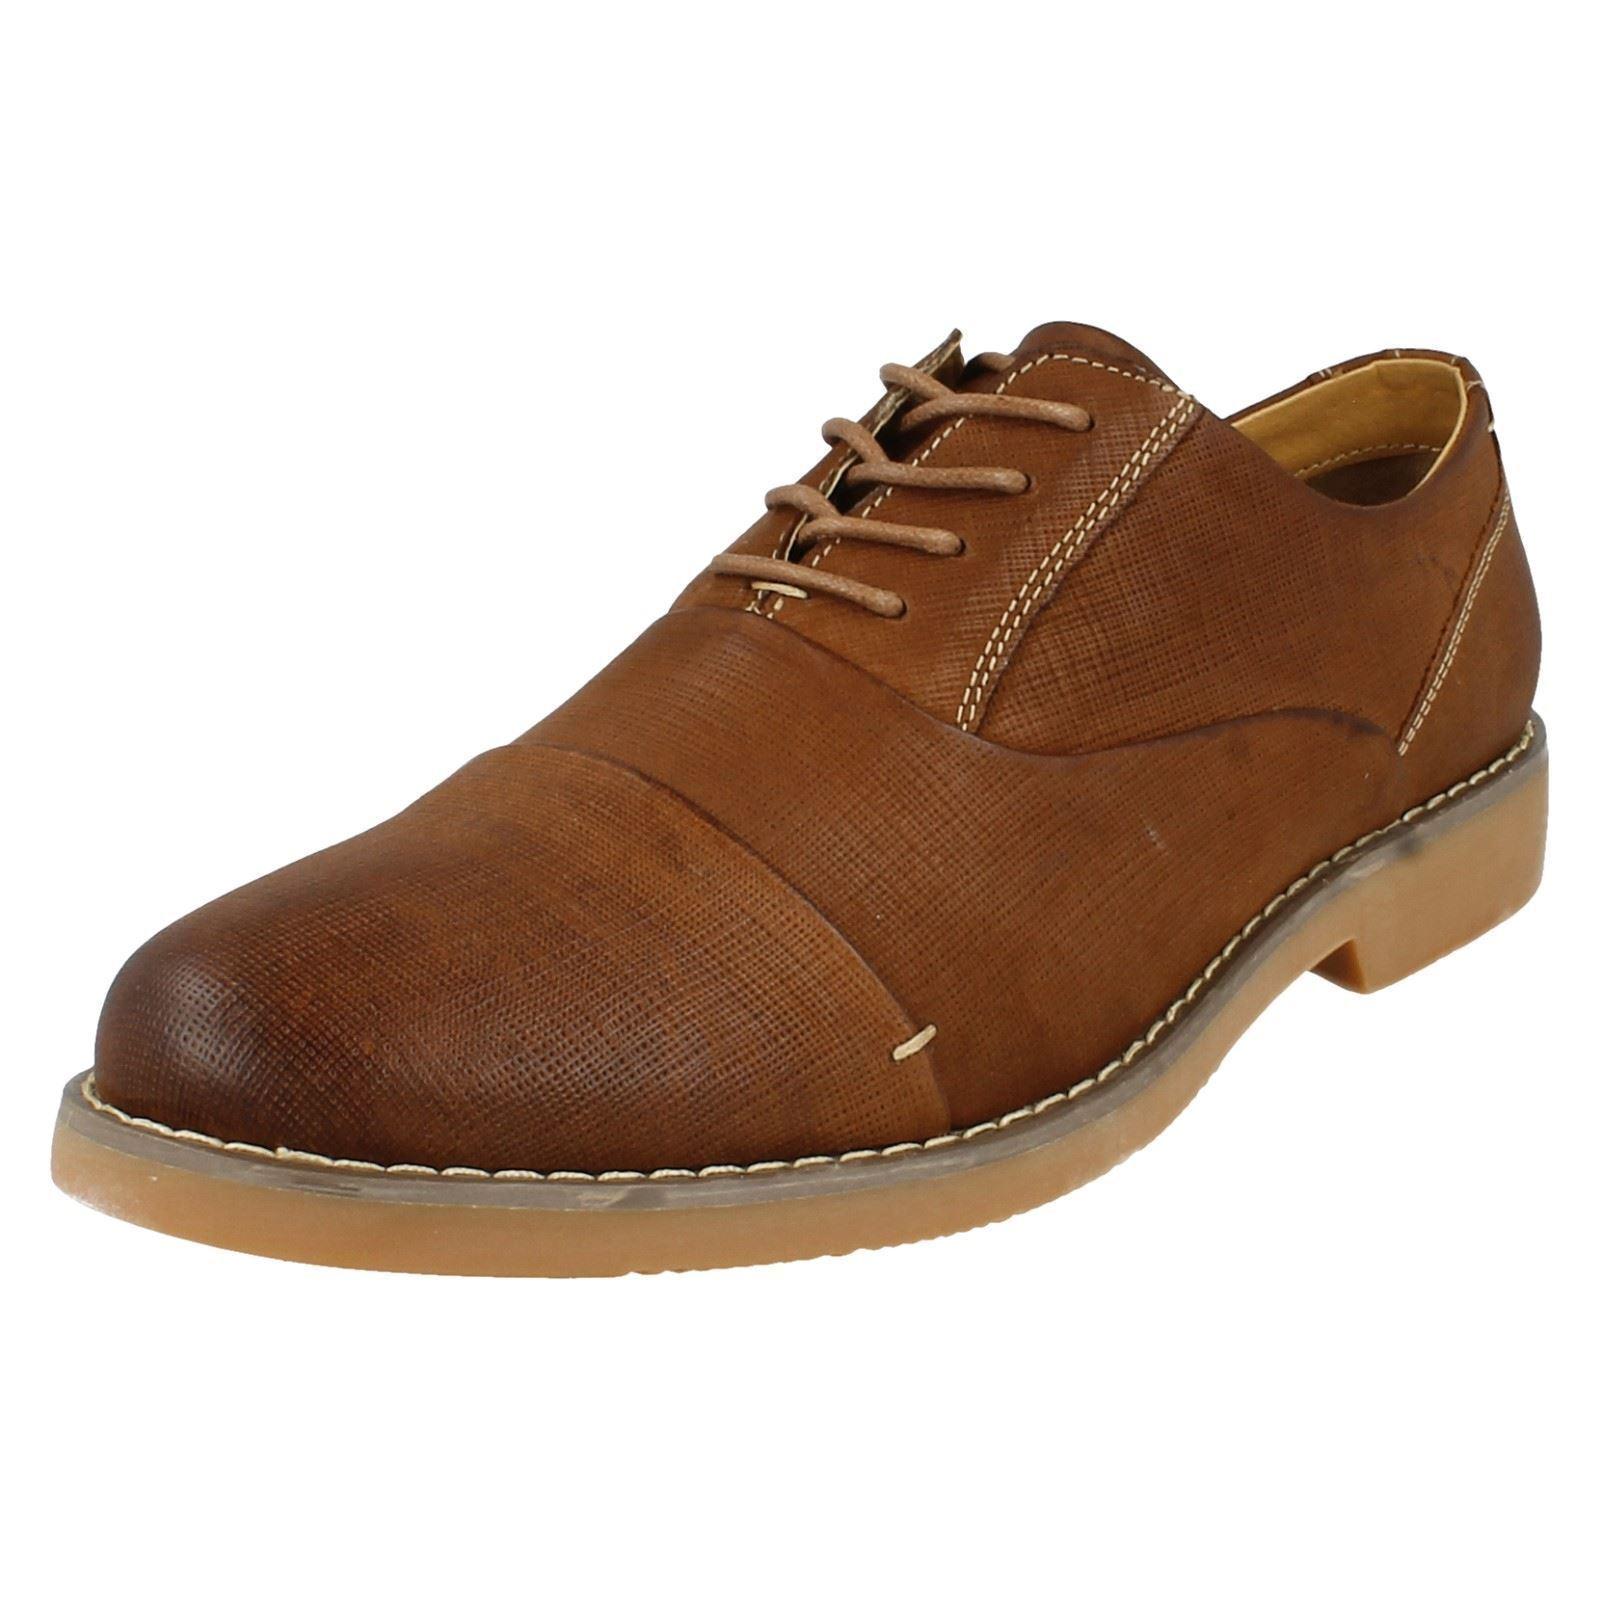 Thomas Blunt de A2139 Hombre Marrón Formal Zapatos de Blunt Piel con Cordones 366ba0